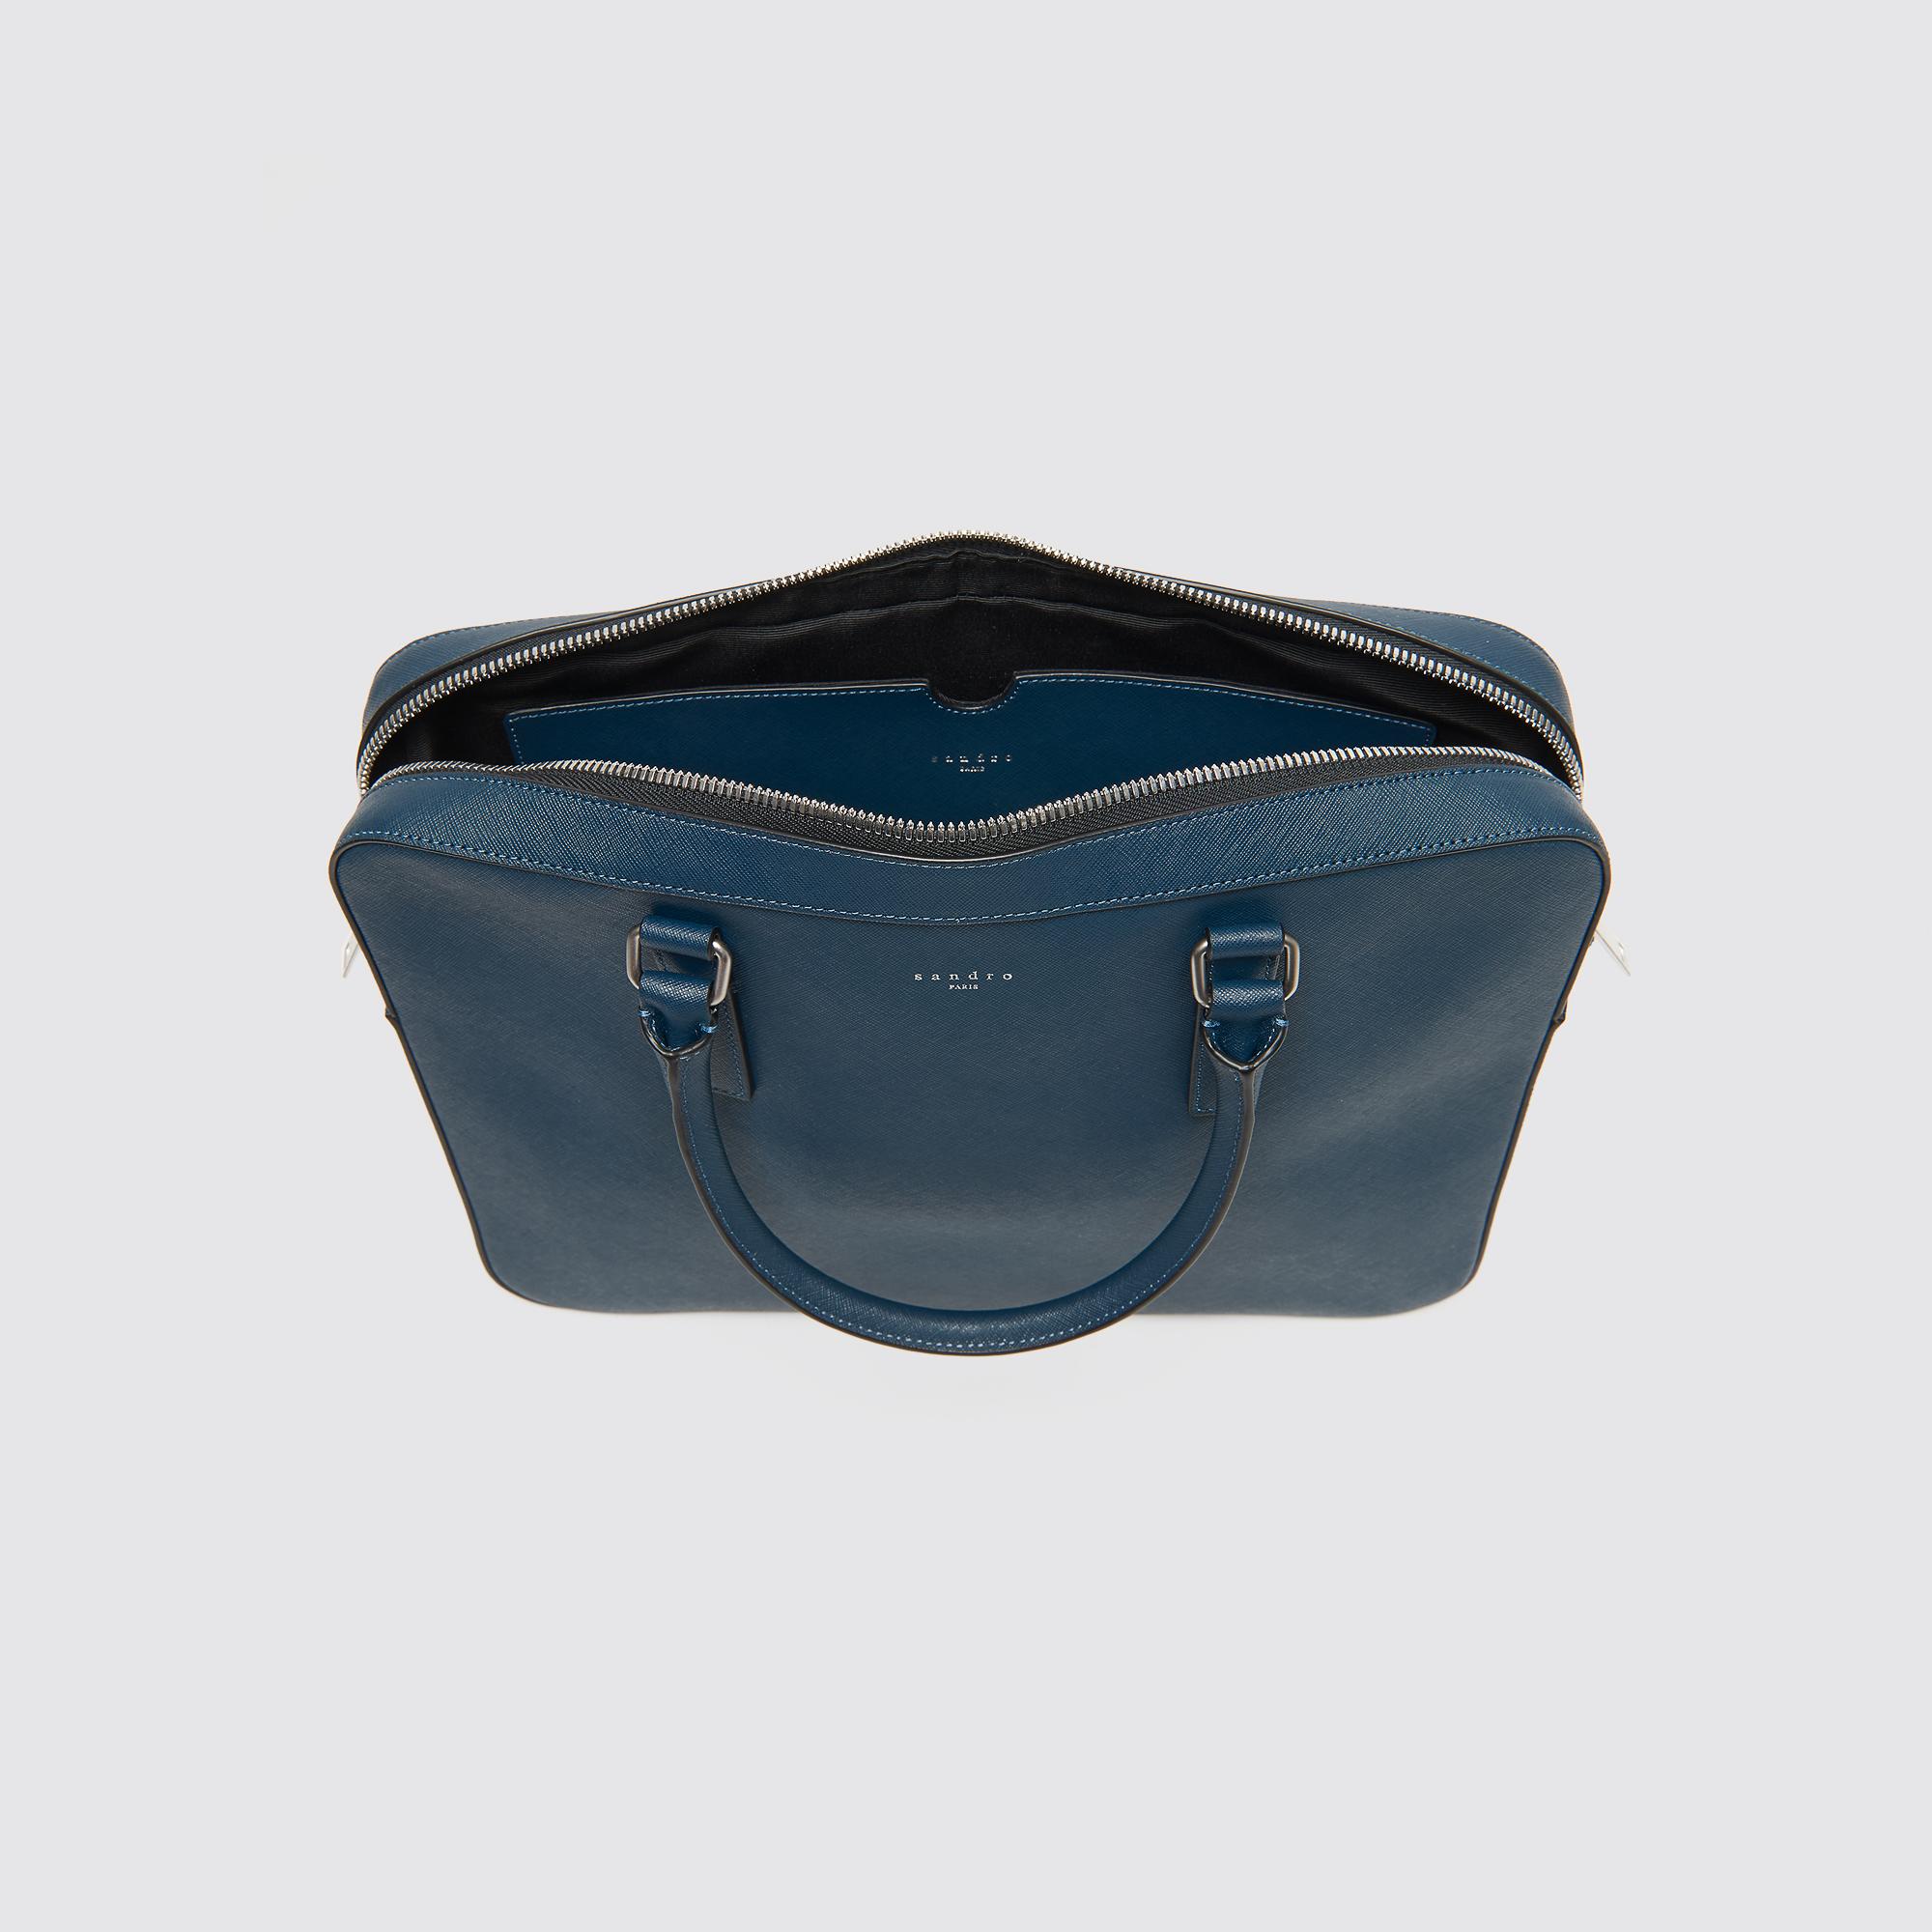 Ventiquattrore in pelle Saffiano : Tutta la Pelletteria colore Blu Bondi